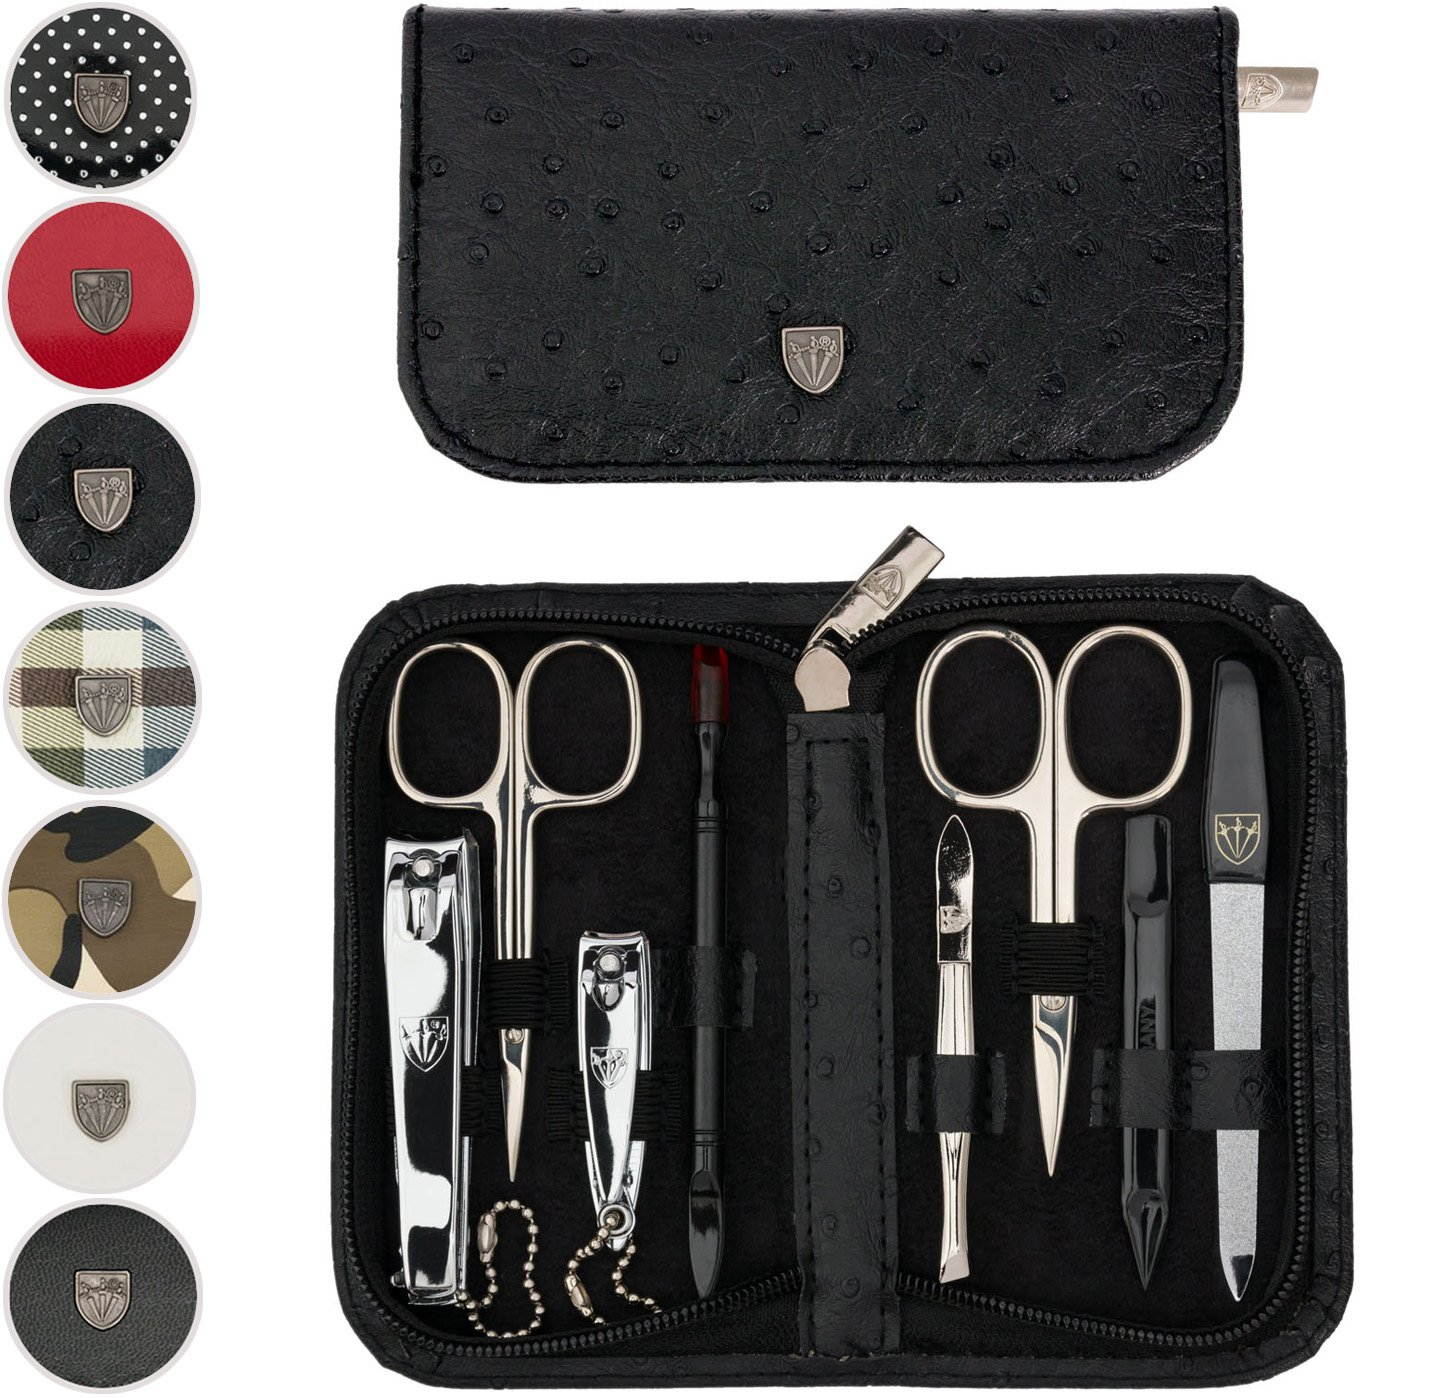 TROIS EPÉES   Kit / set / ensemble / trousse de manicure - manucure - pédicure - beauty / beaute - soins des ongles / personnels / mains / pieds   8 pièces   DIVERS DESIGN  marque de qualitè (522016)